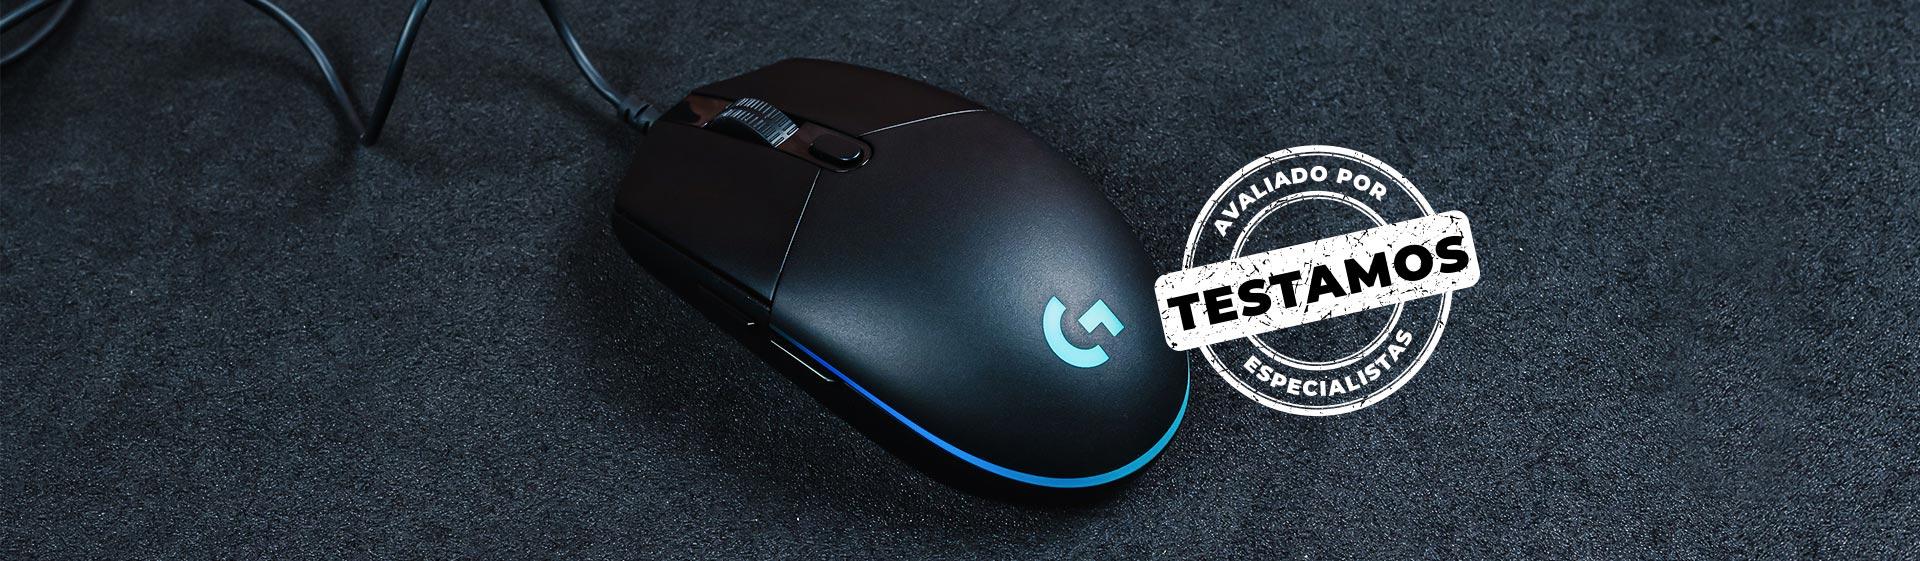 Mouse Logitech G203 é ótima opção básica para gamers; veja o review